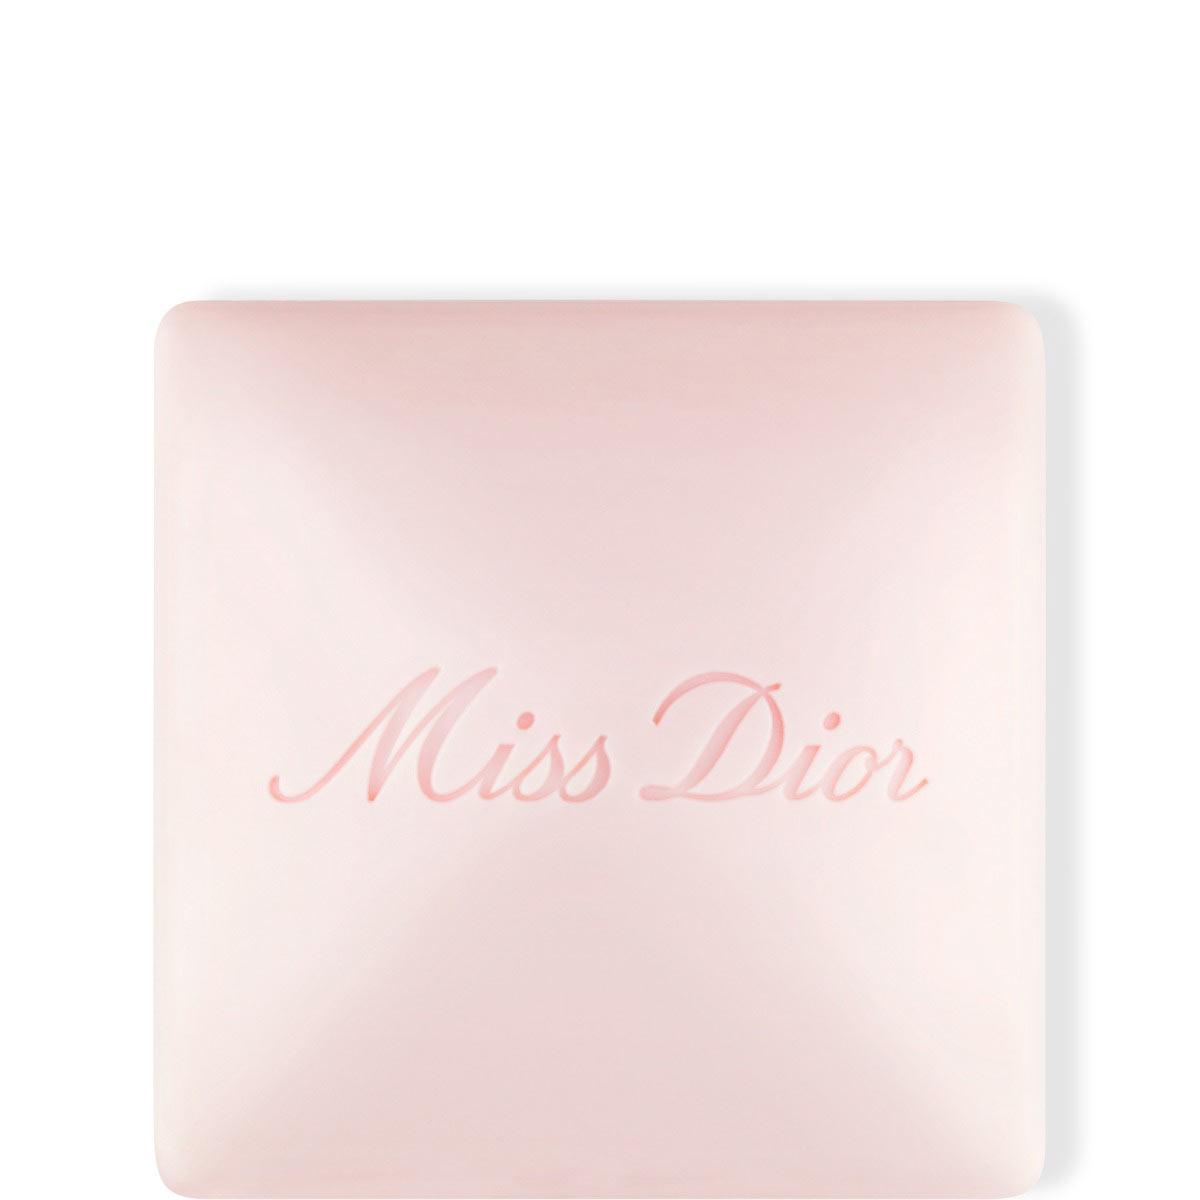 Savon Miss Dior - DIOR